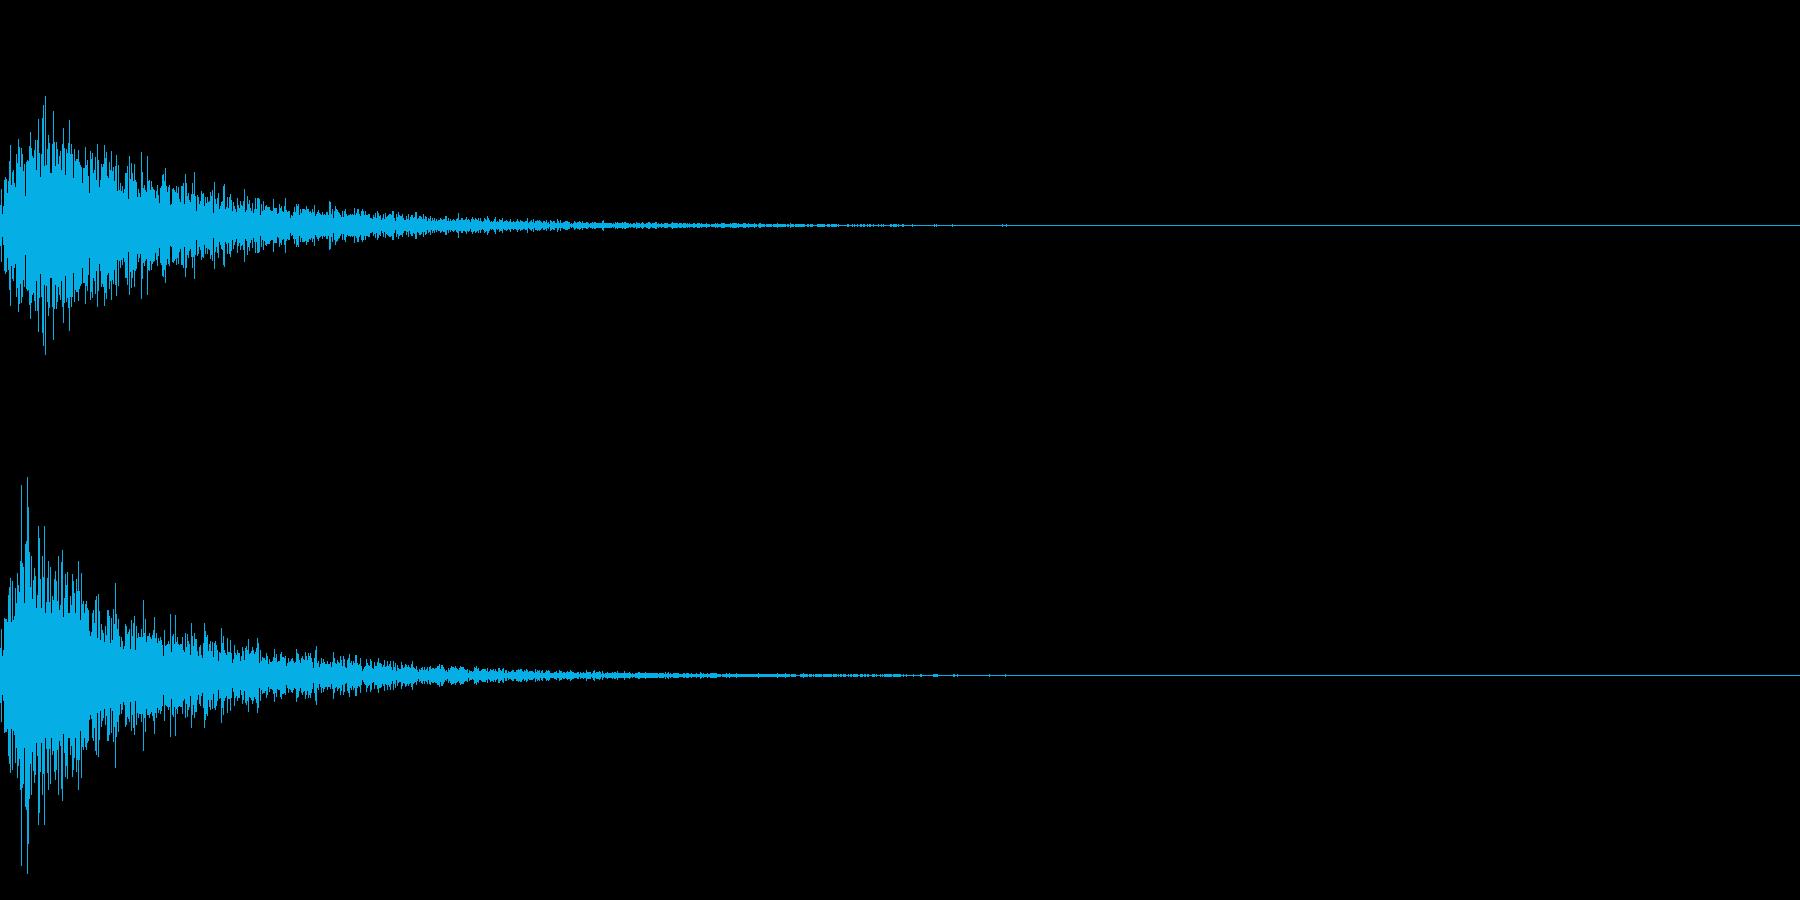 カン!和風な歌舞伎の床音(附け木)02の再生済みの波形